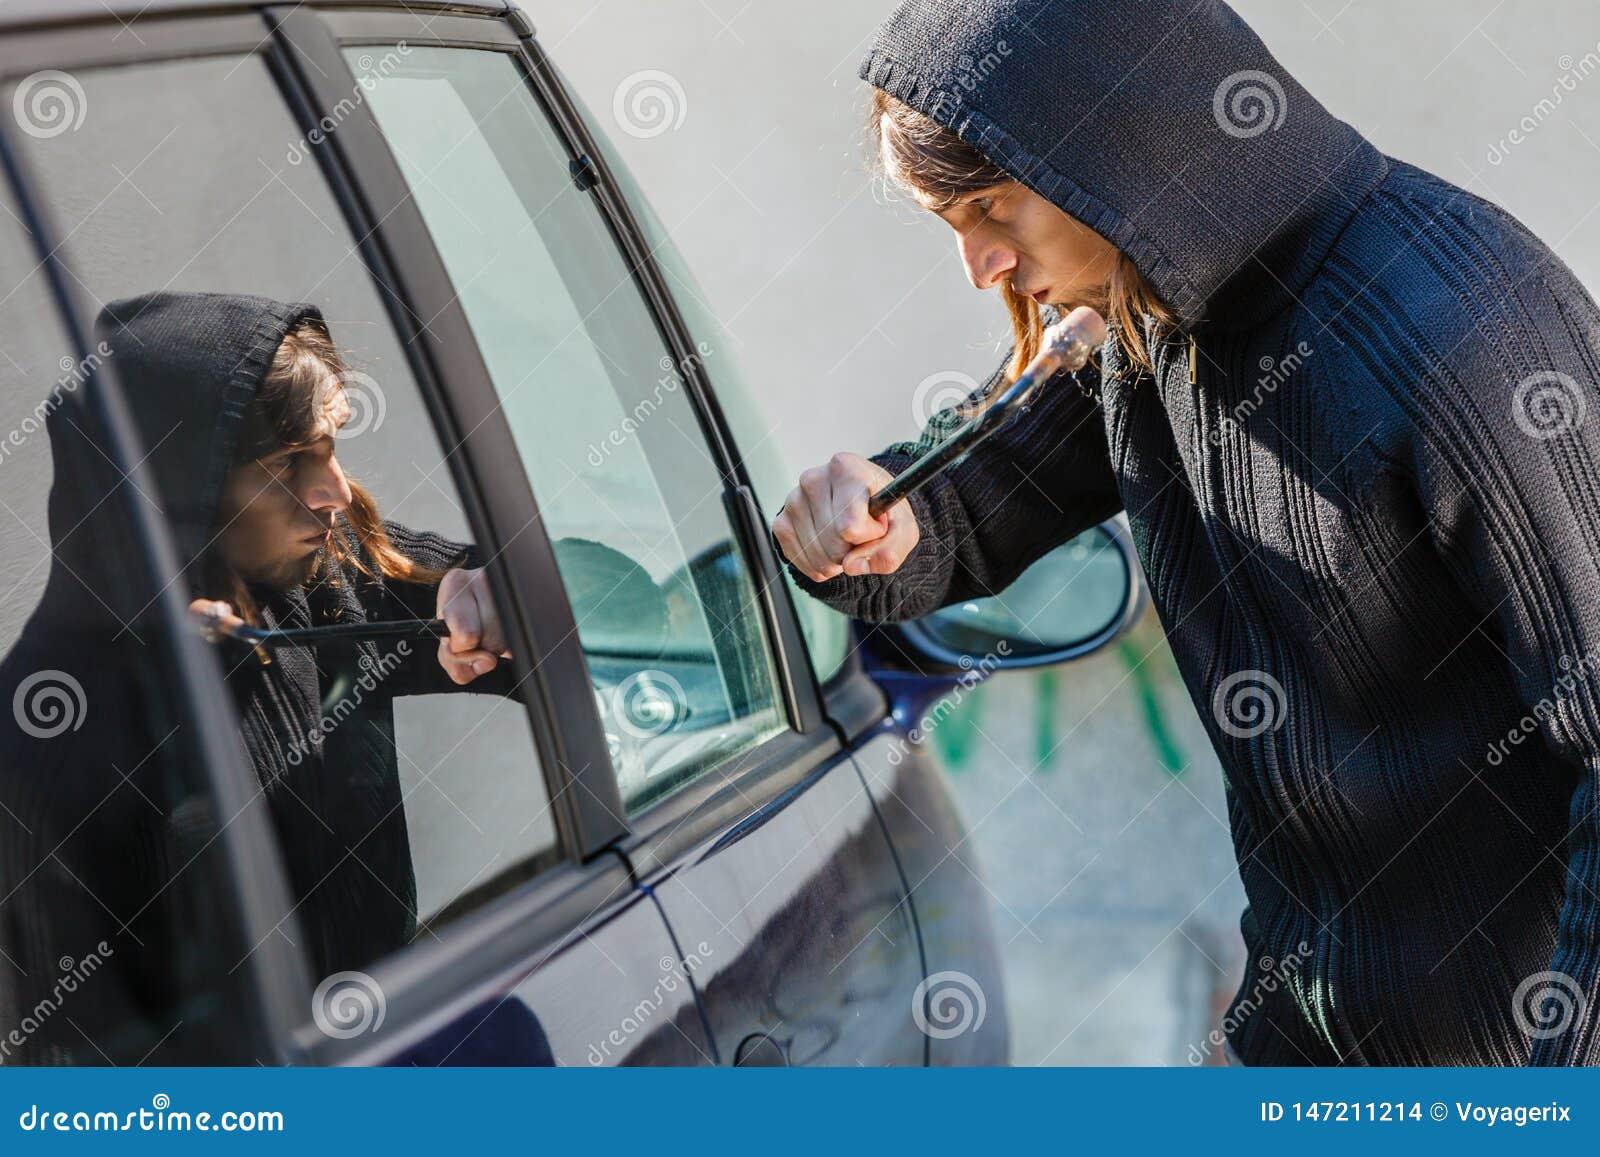 Scassinatore del ladro che si rompe fracassando la finestra di automobile